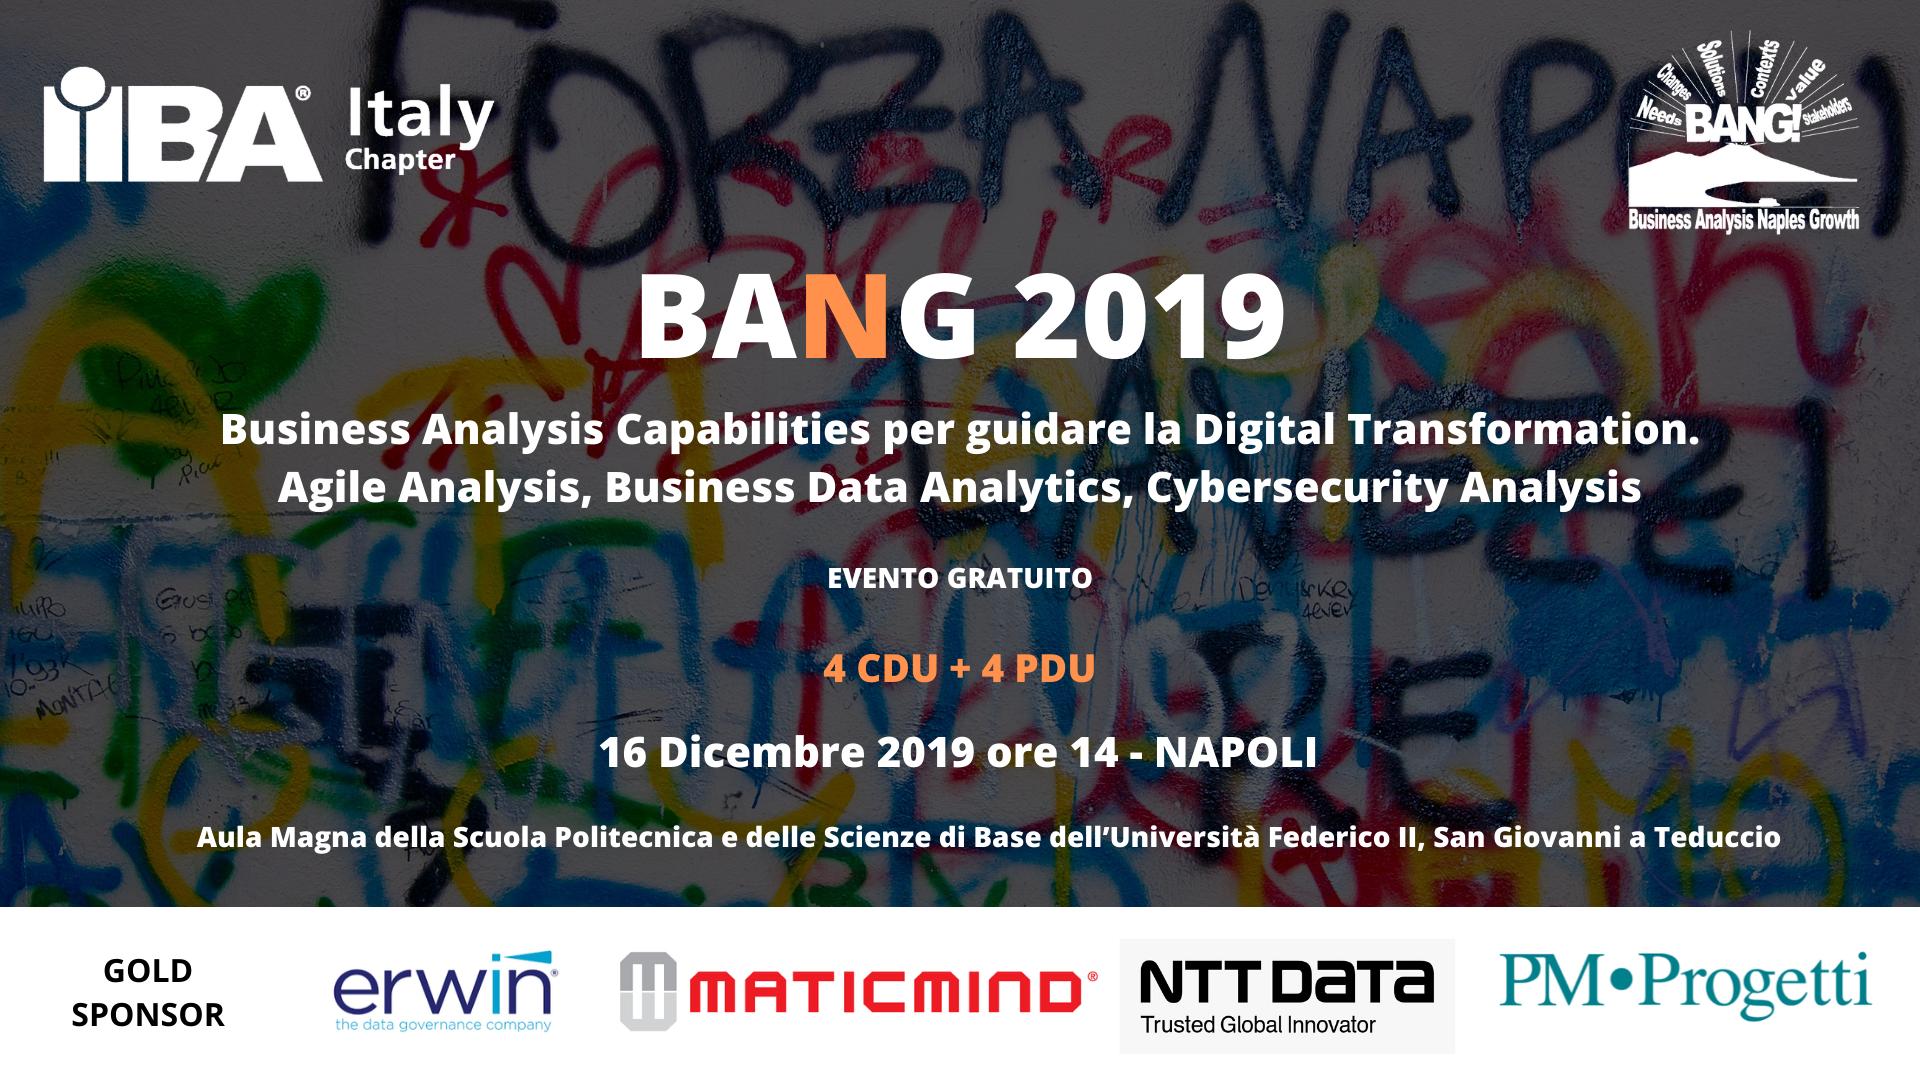 BANG 2019 Business Analysis Capabilities per guidare la Digital Transformation